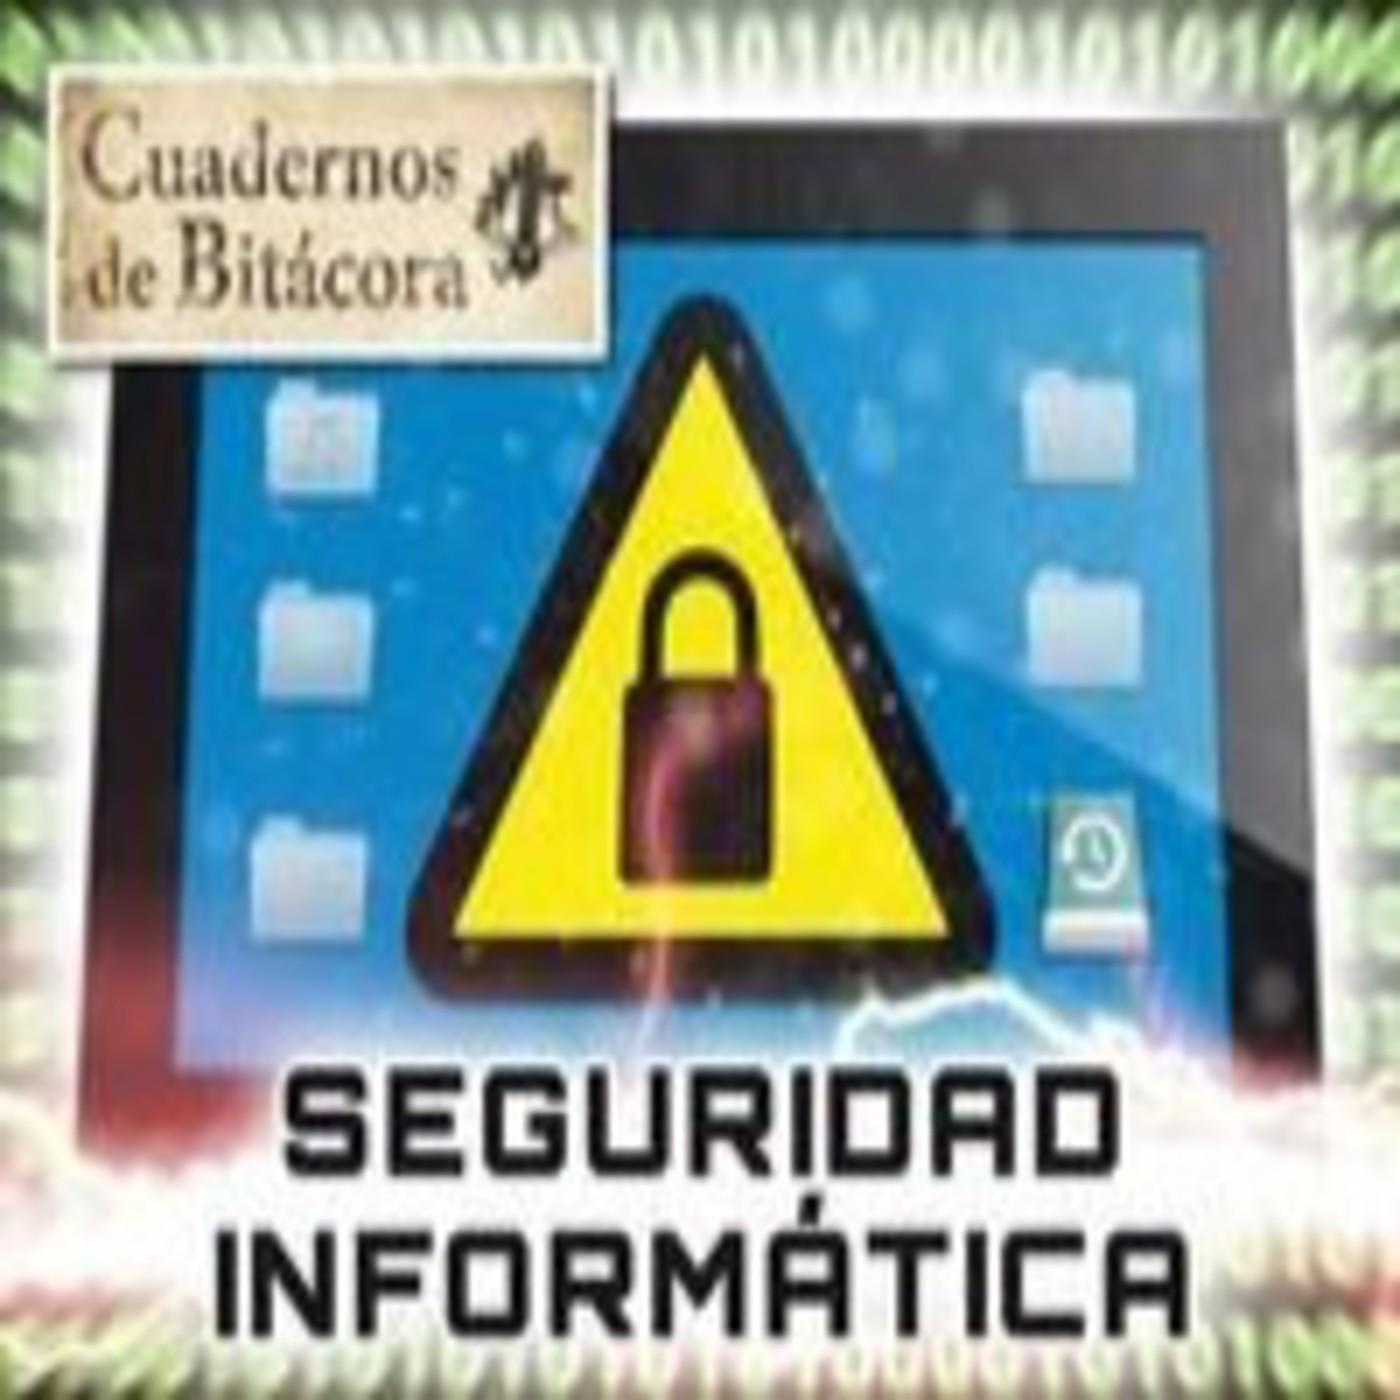 Cuadernos de Bitácora 05: Seguridad Informática y Hackers ¿Estamos seguros?